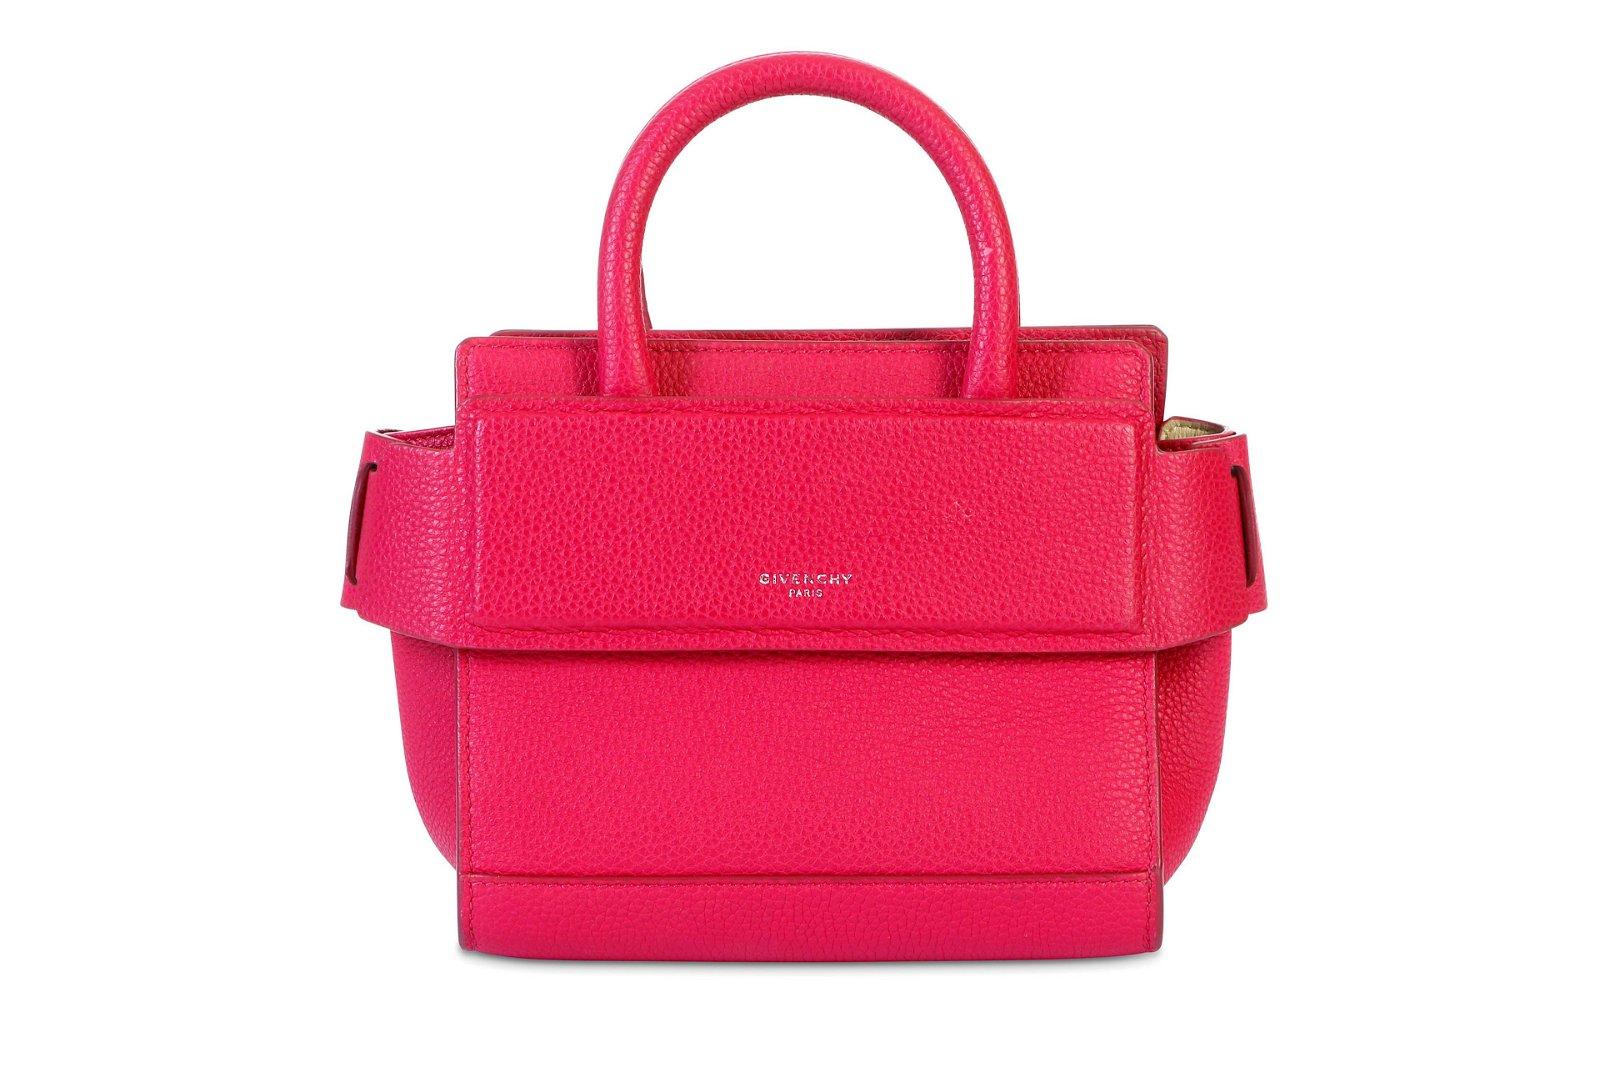 Givenchy Fuchsia Mini Horizon Bag